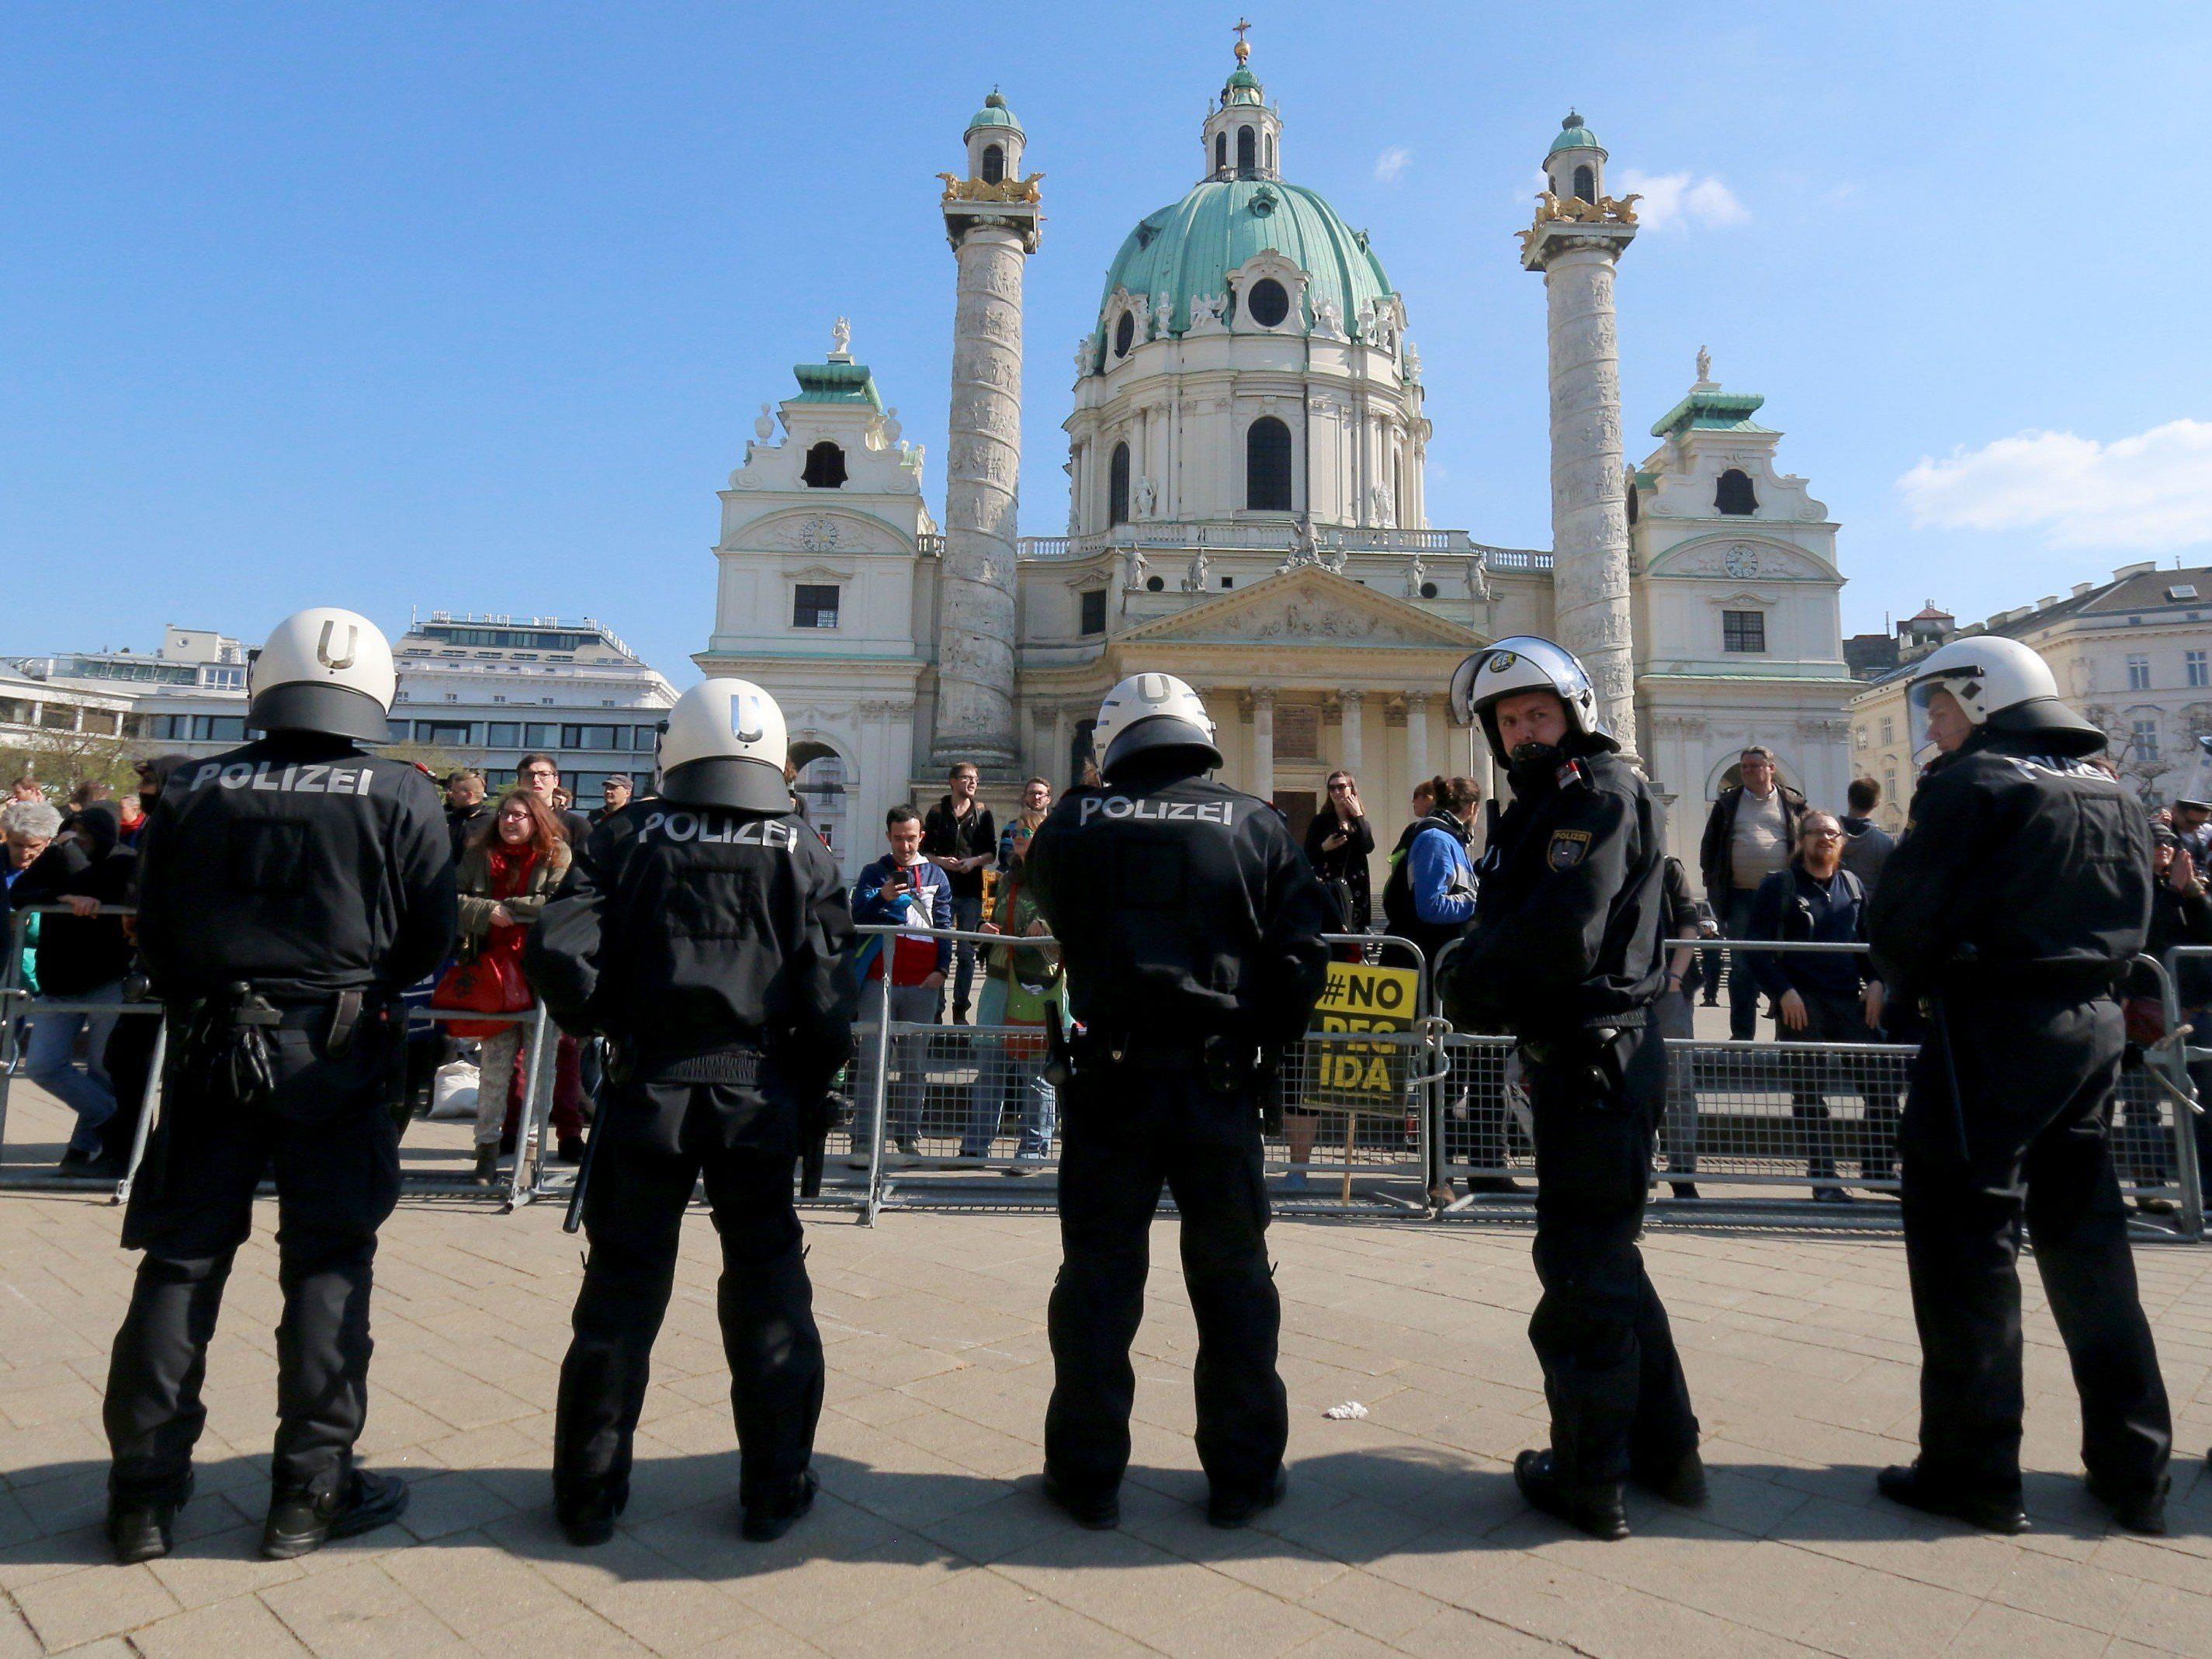 Zweite Pegida-Kundgebung in Wien verlief ohne Zwischenfälle